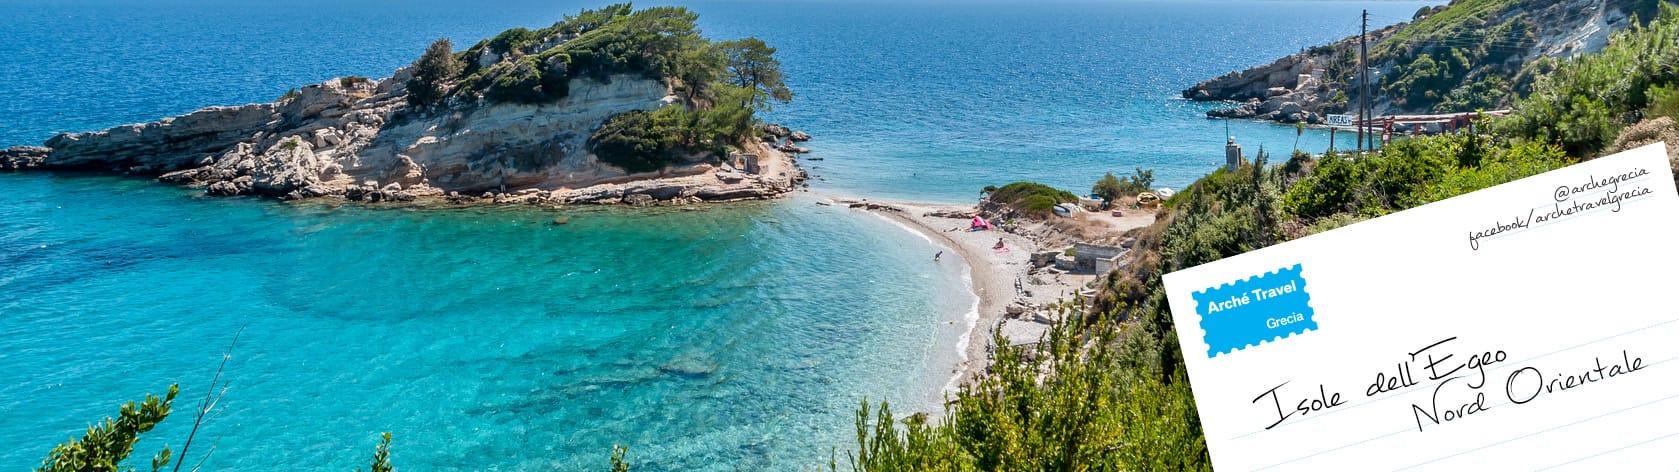 CATALOGHI Viaggi Isole Egeo Nord Orientale Tour Isole Egeo Nord Orientale - Arché Travel - Tour Operator Isole Egeo Nord Orientale Grecia